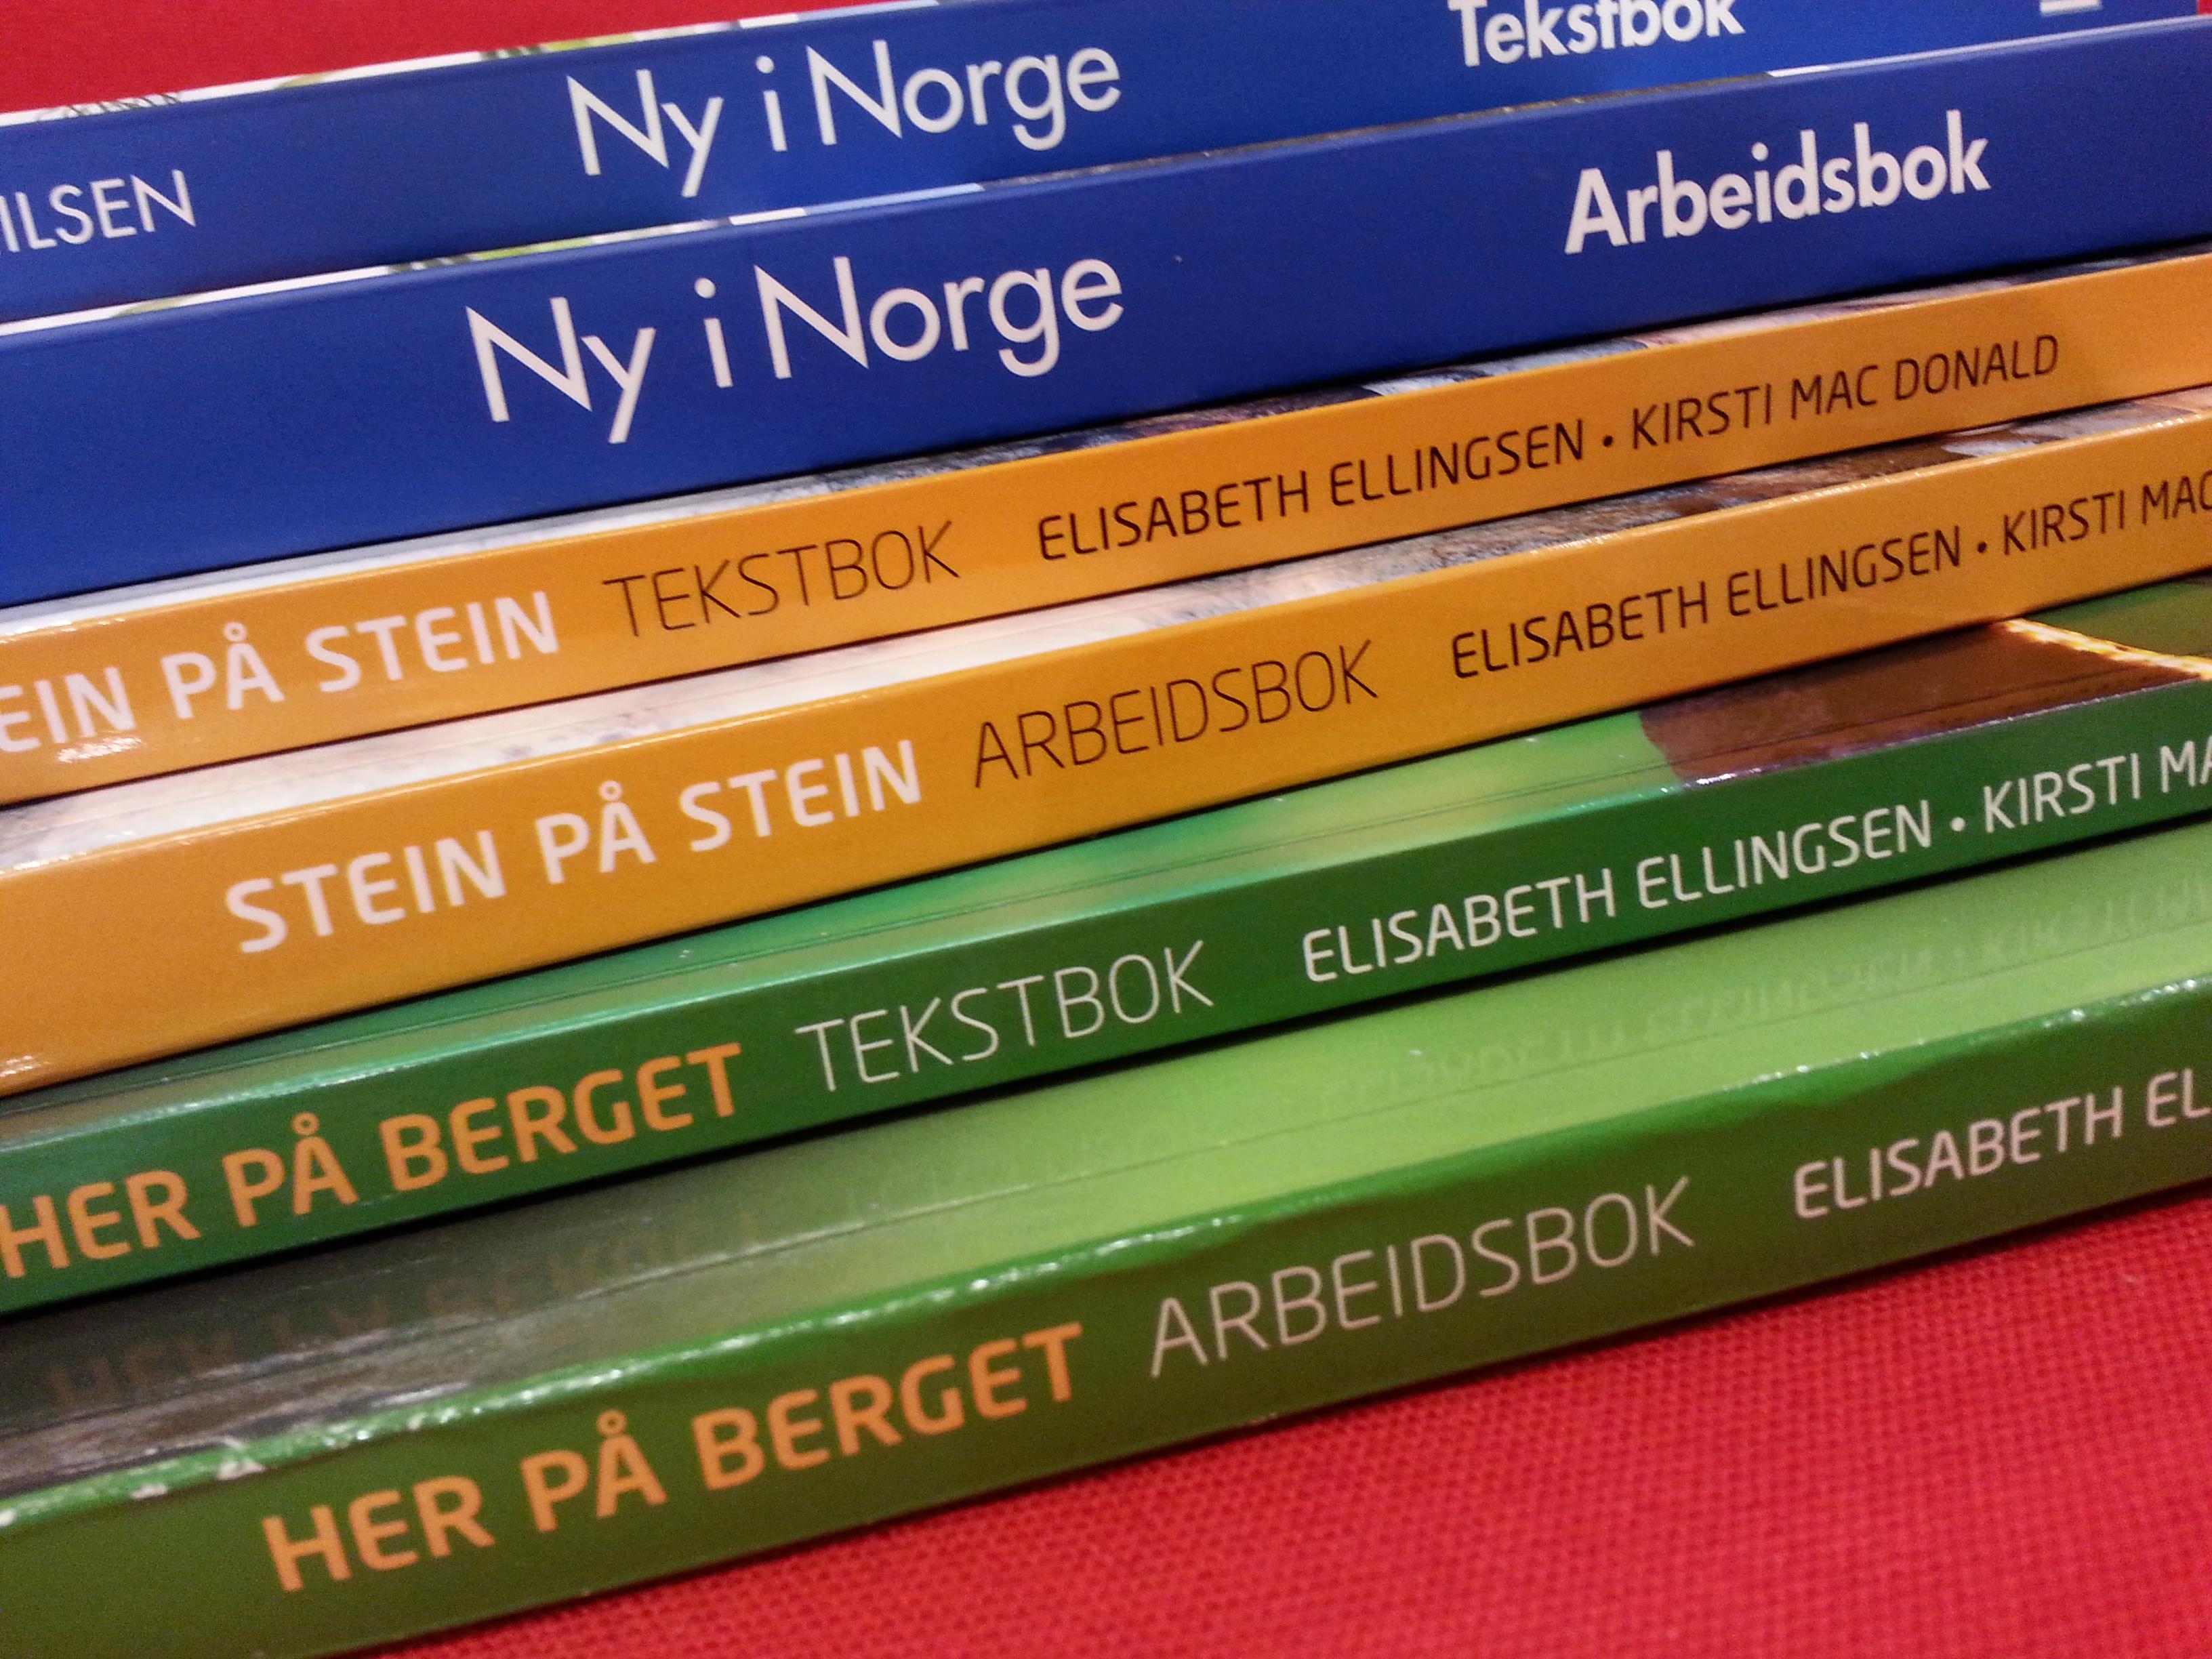 Alle norskbøkene.jpg